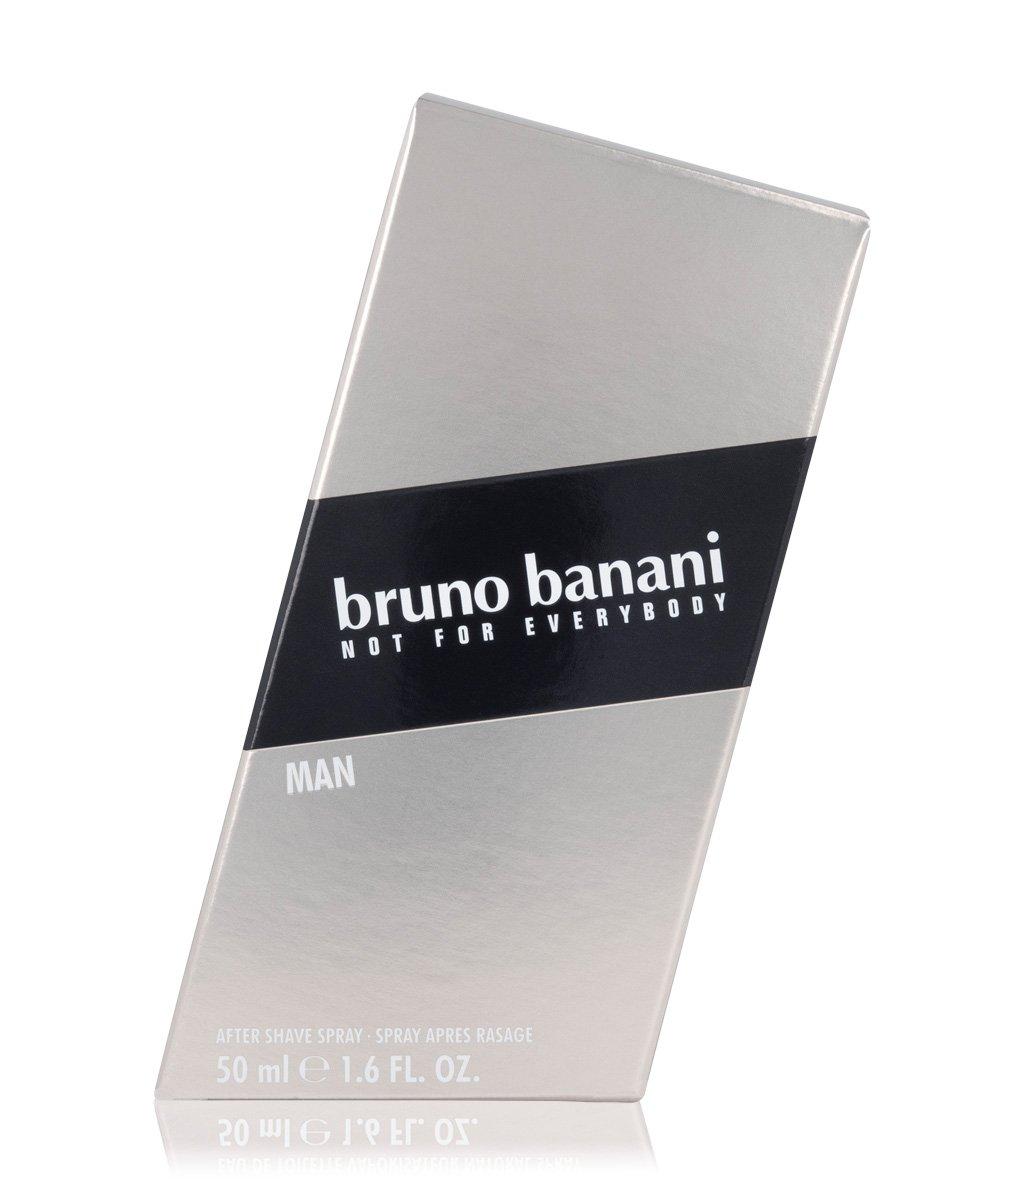 bruno banani man after shave splash online bestellen flaconi. Black Bedroom Furniture Sets. Home Design Ideas